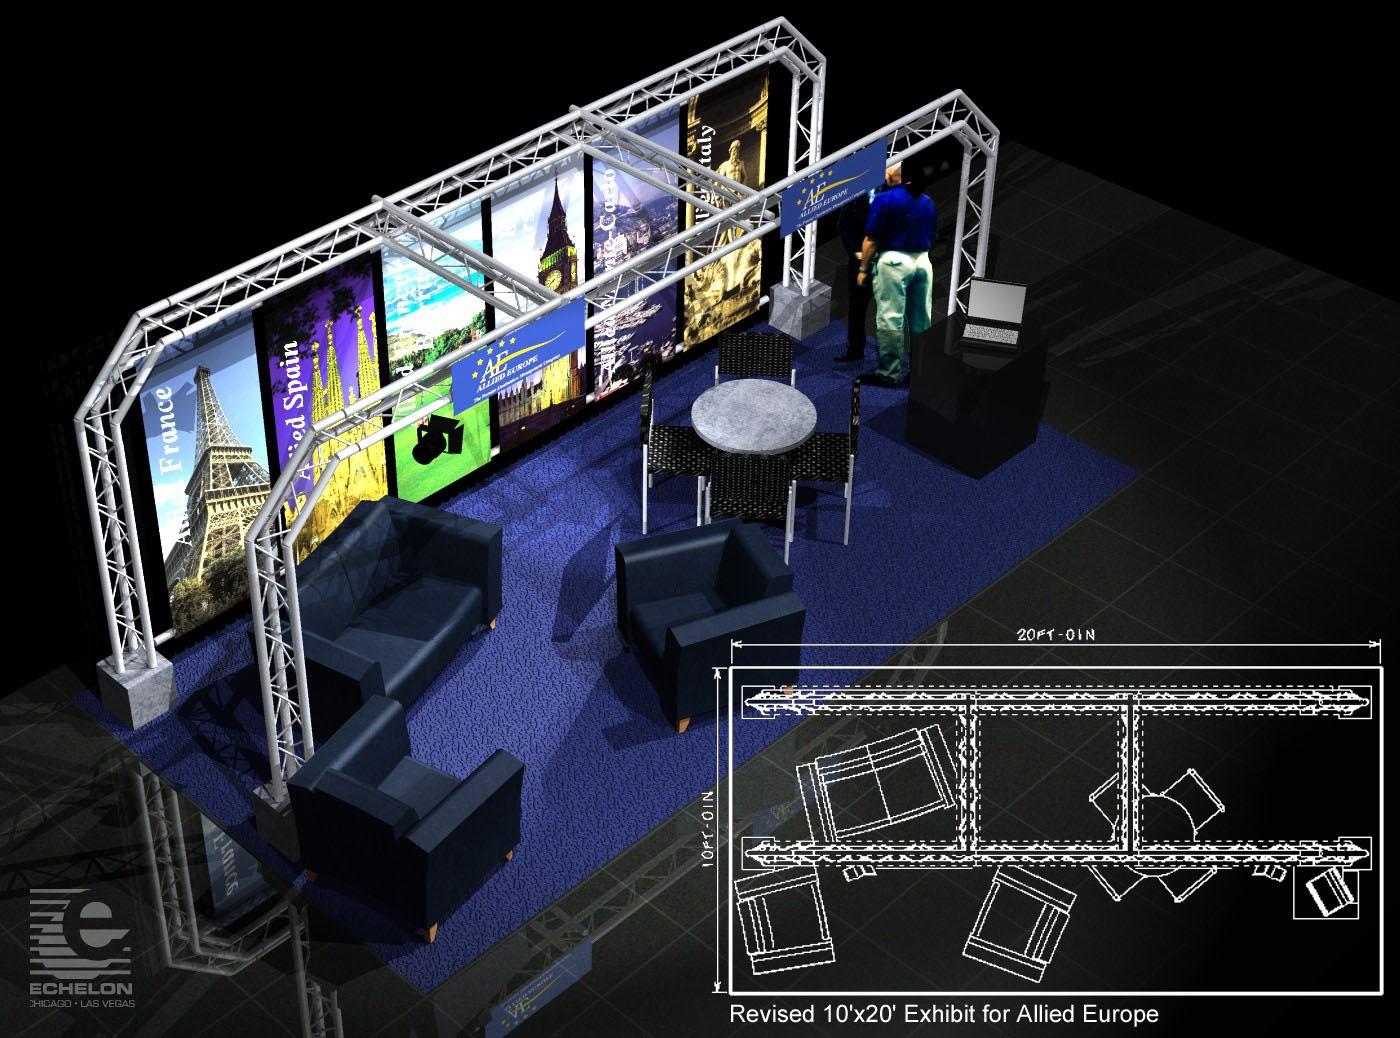 exhibit-truss-displays